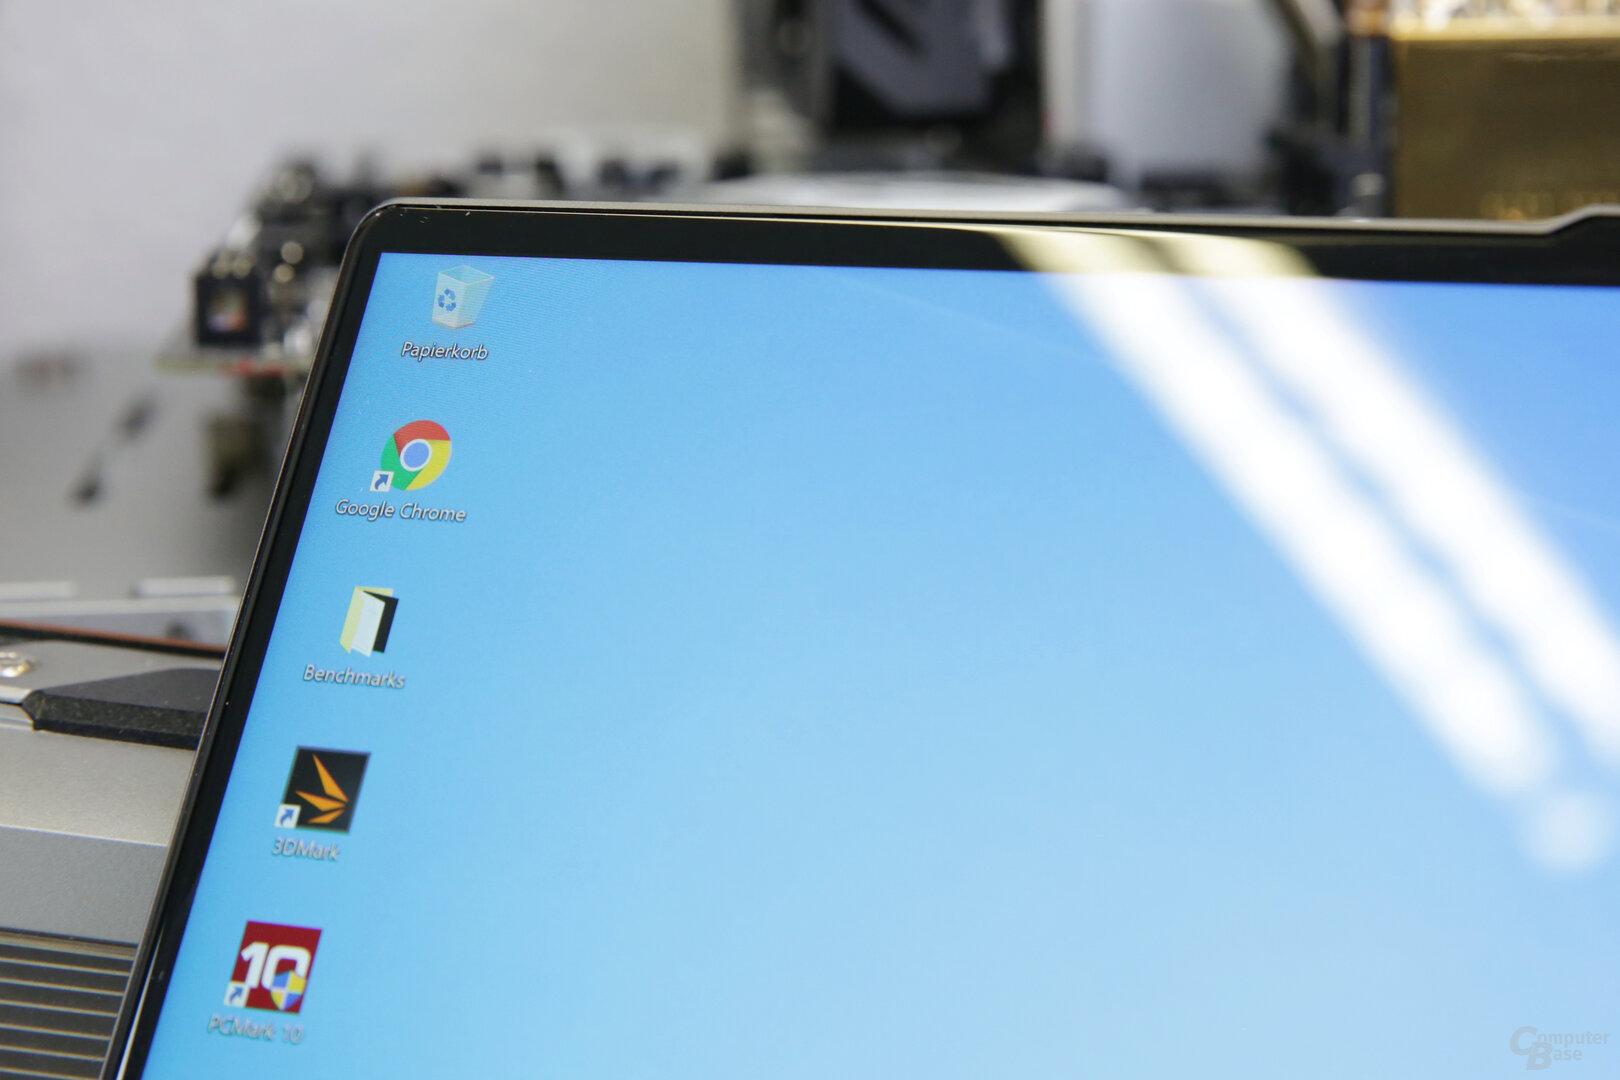 Lenovo schließt das Display mit leicht gebogenem Glas ab